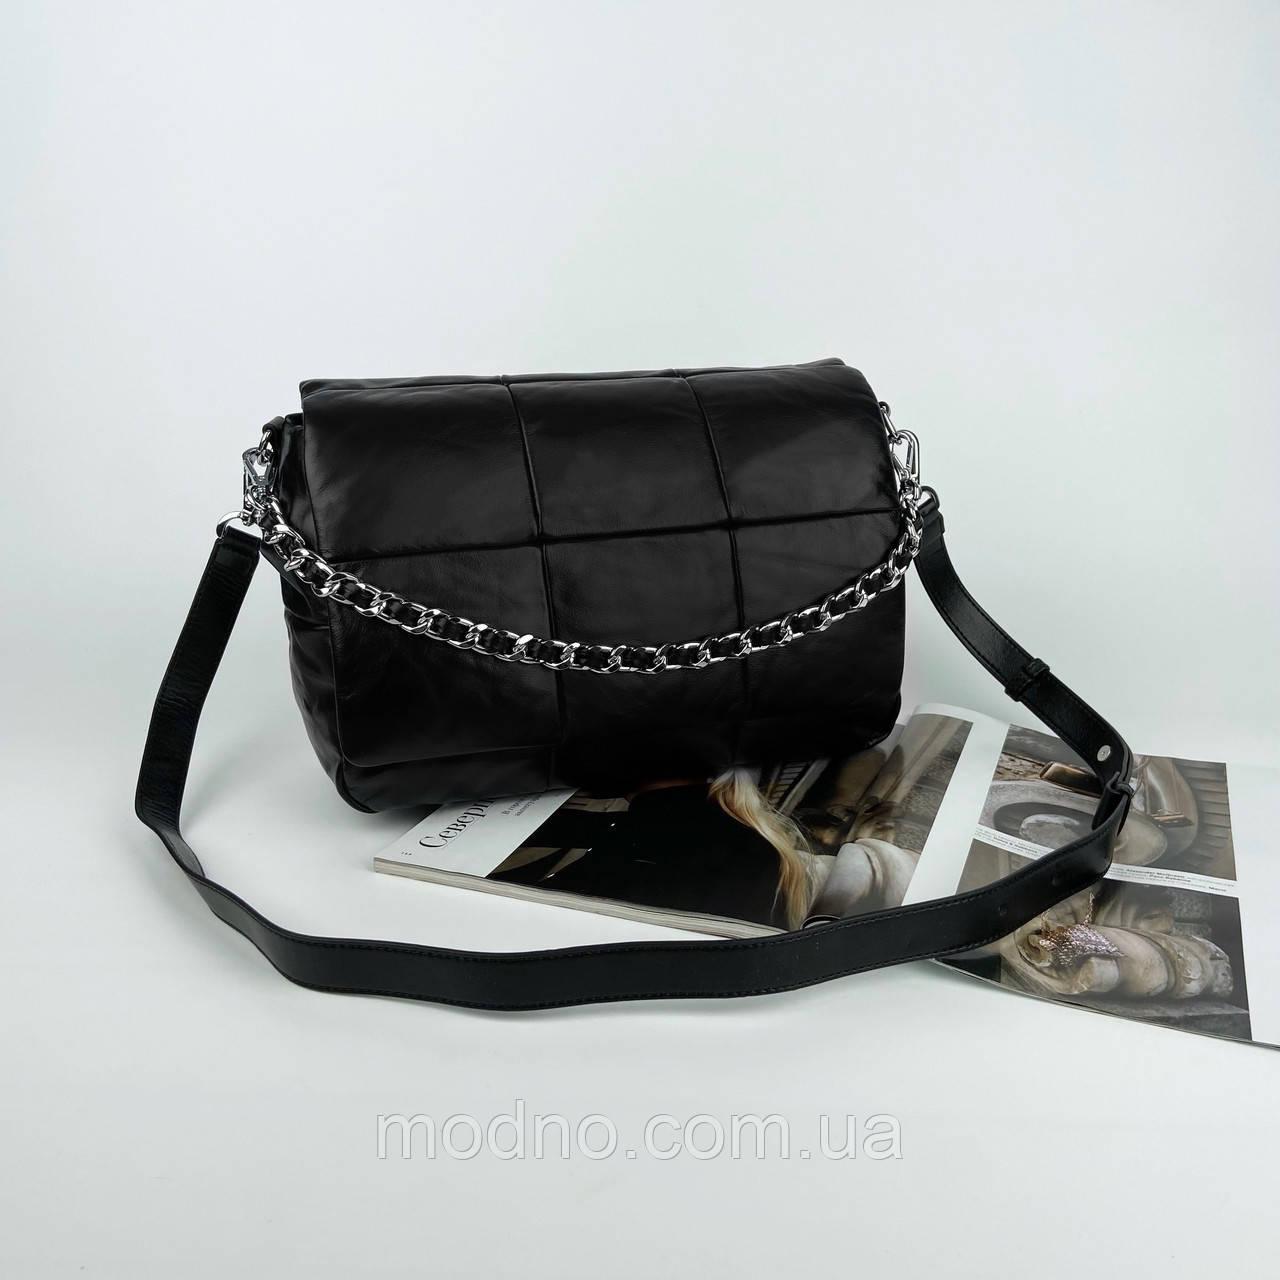 Женская кожаная сумка на и через плечо c цепочкой Polina & Eiterou черная